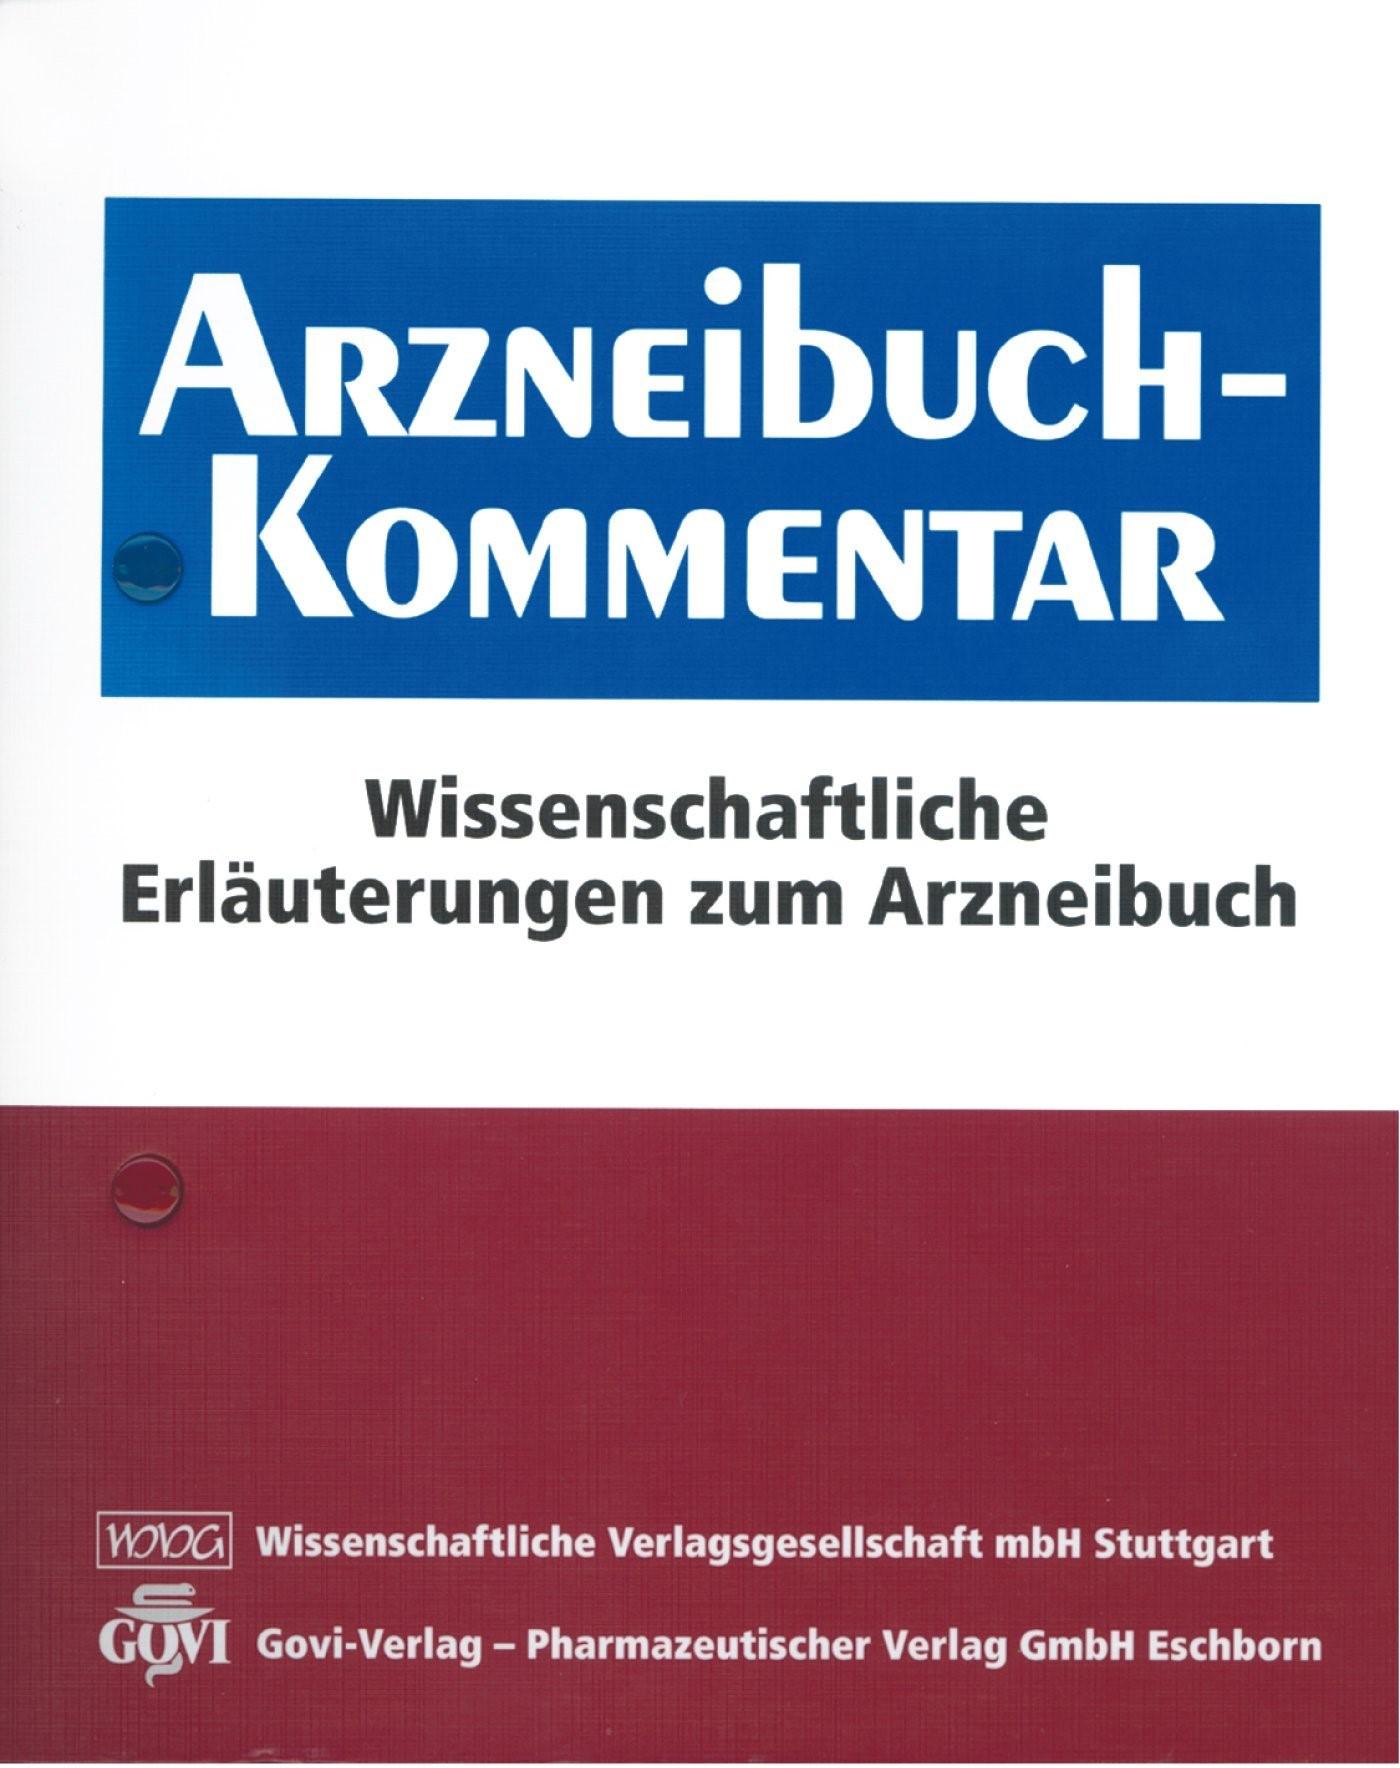 Arzneibuch-Kommentar | Bracher / Heisig / Langguth / Mutschler / Rücker / Schirmeister / Scriba / Stahl-Biskup / Troschütz, 2018 (Cover)